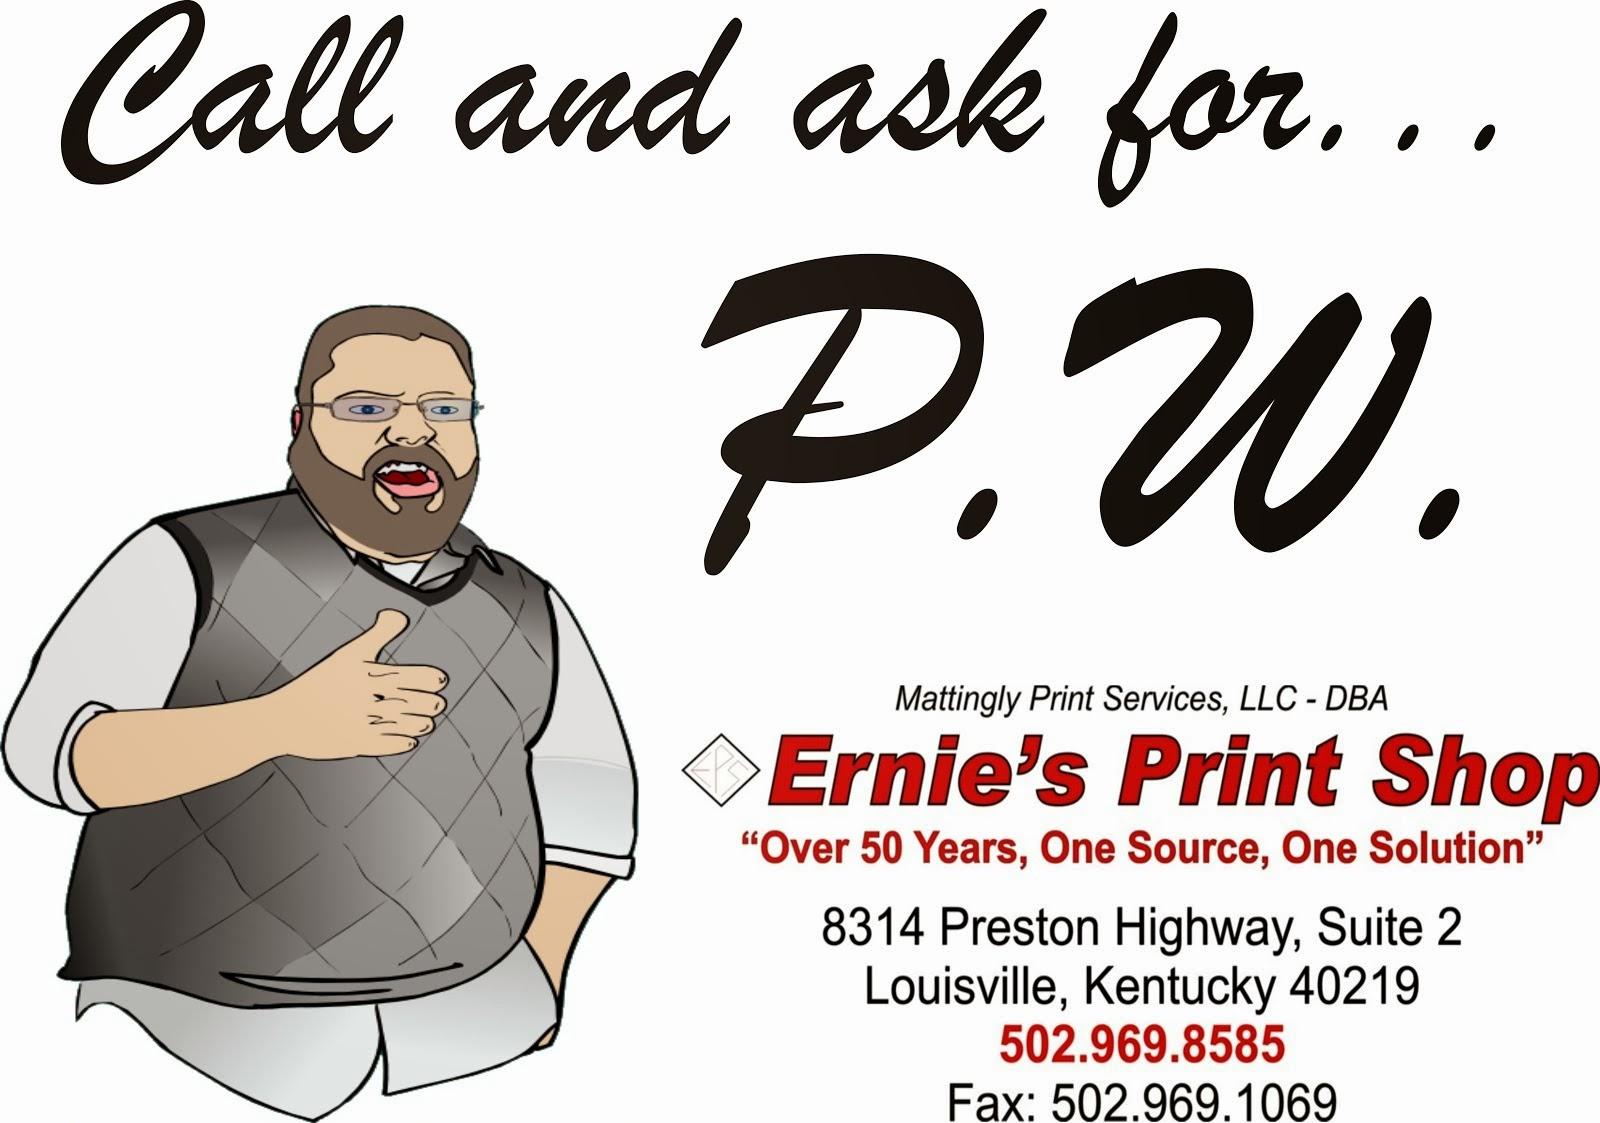 Ernie's Print Shop